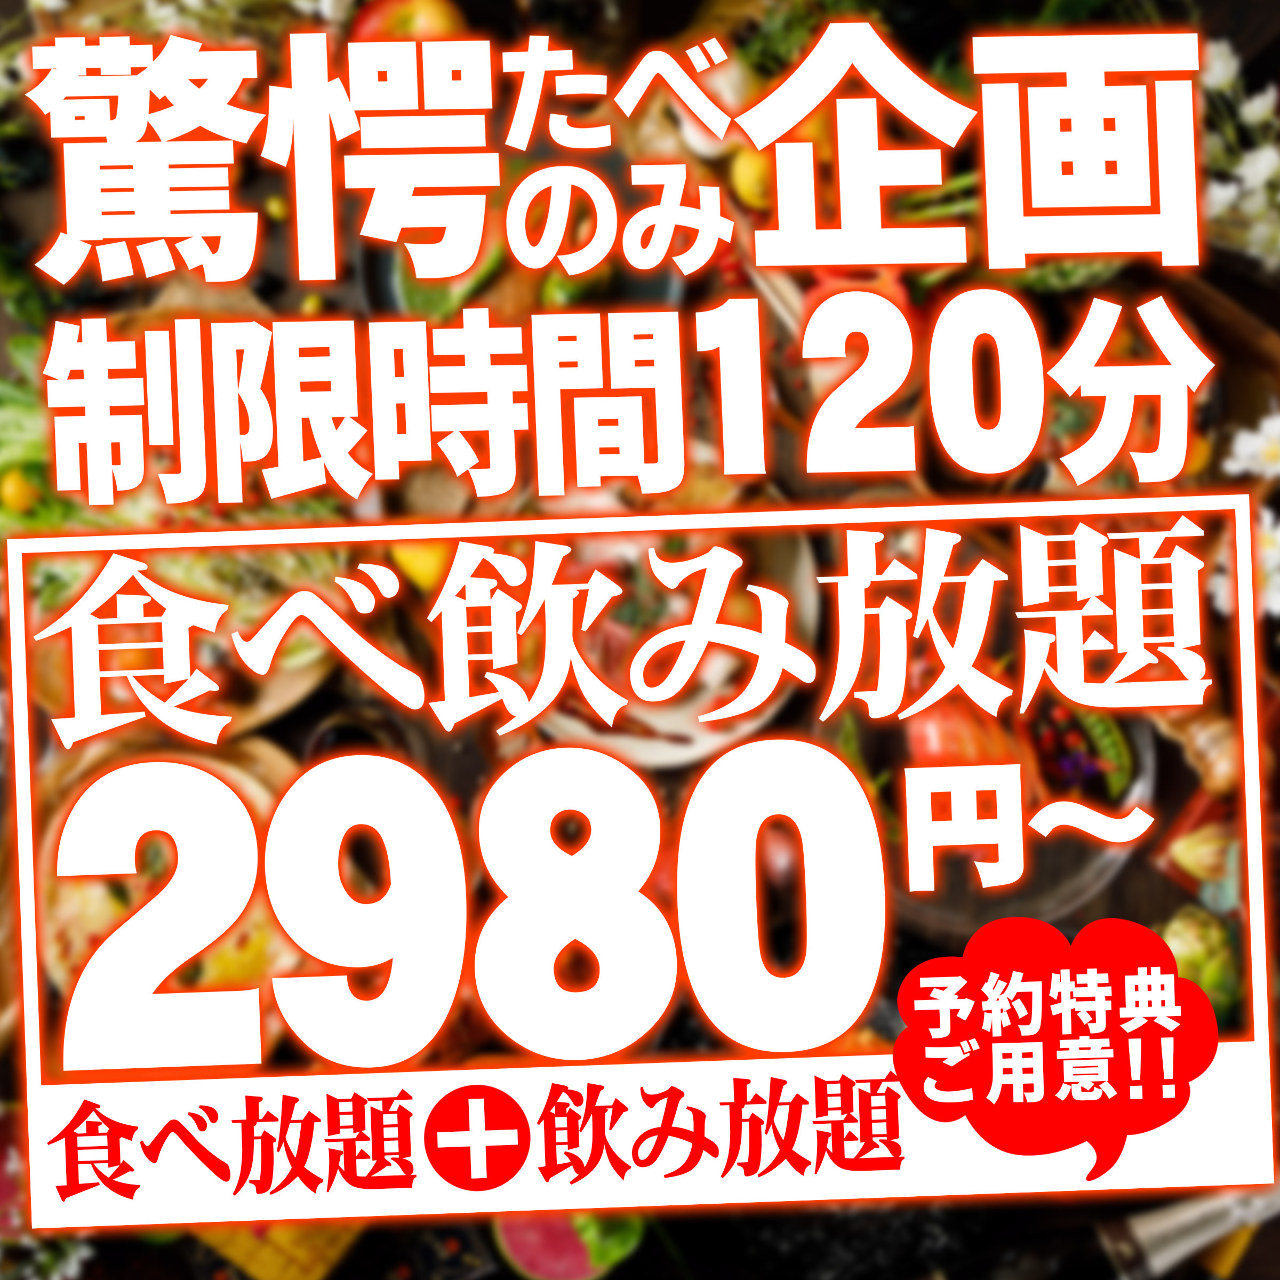 食べ飲み放題居酒屋 満腹バル 新潟駅前店